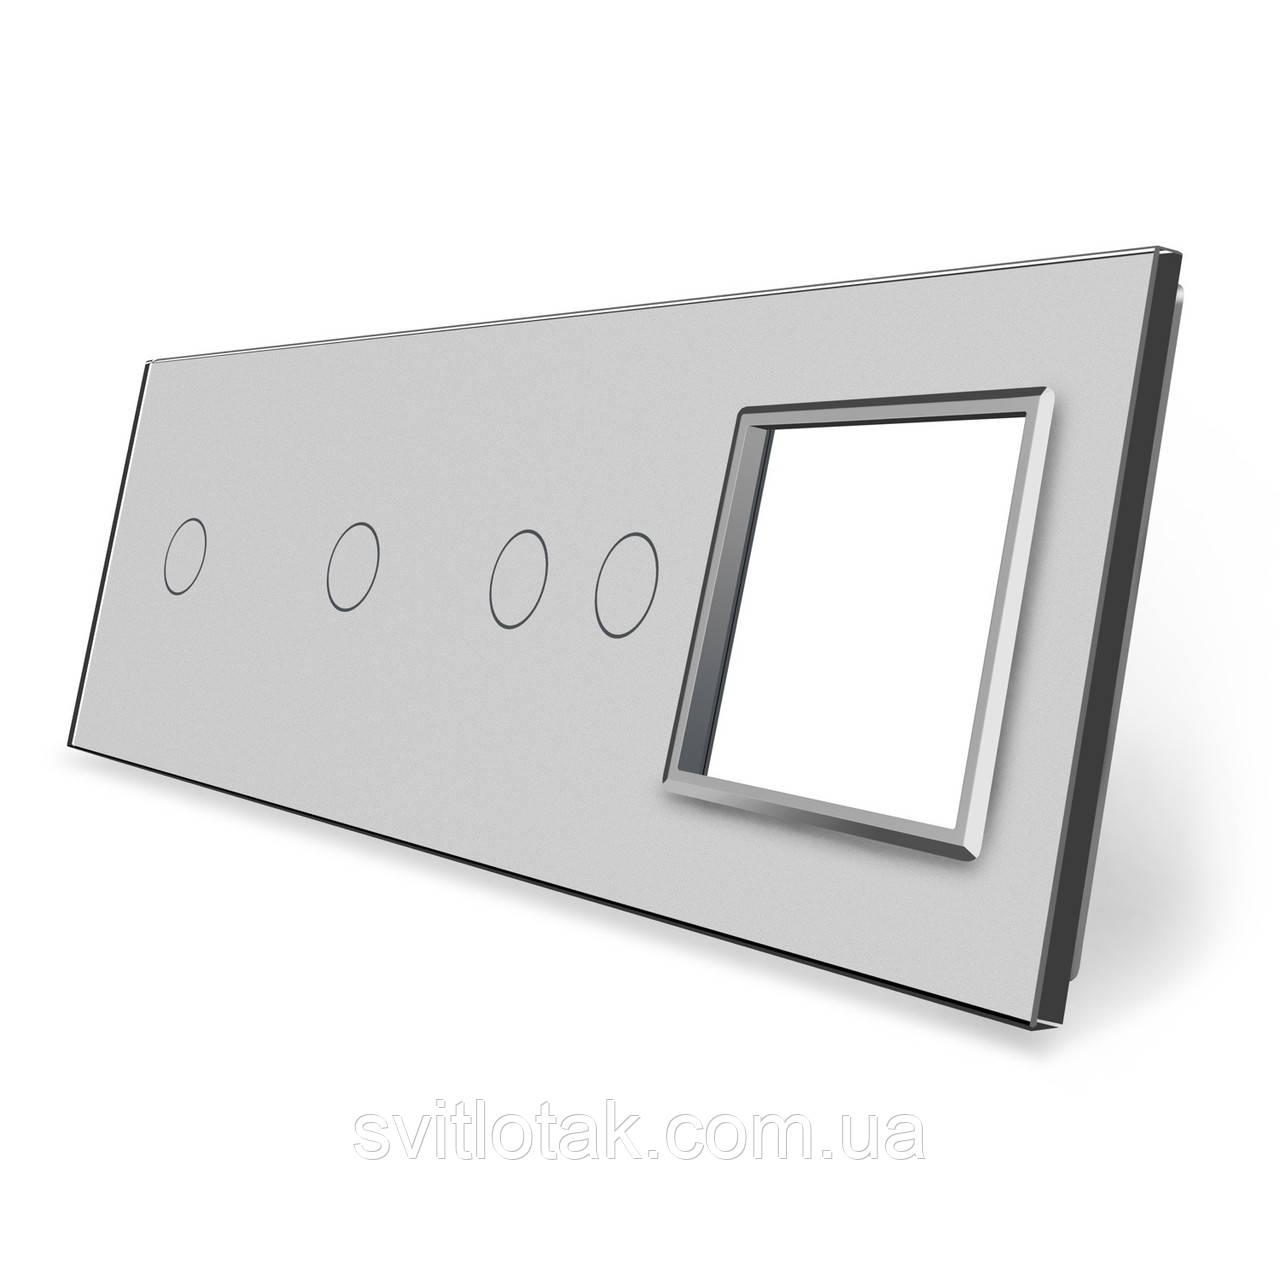 Сенсорная панель выключателя 4 сенсора и розетку (1-1-2-0) серый стекло Livolo (VL-P701/01/02/E-8I)